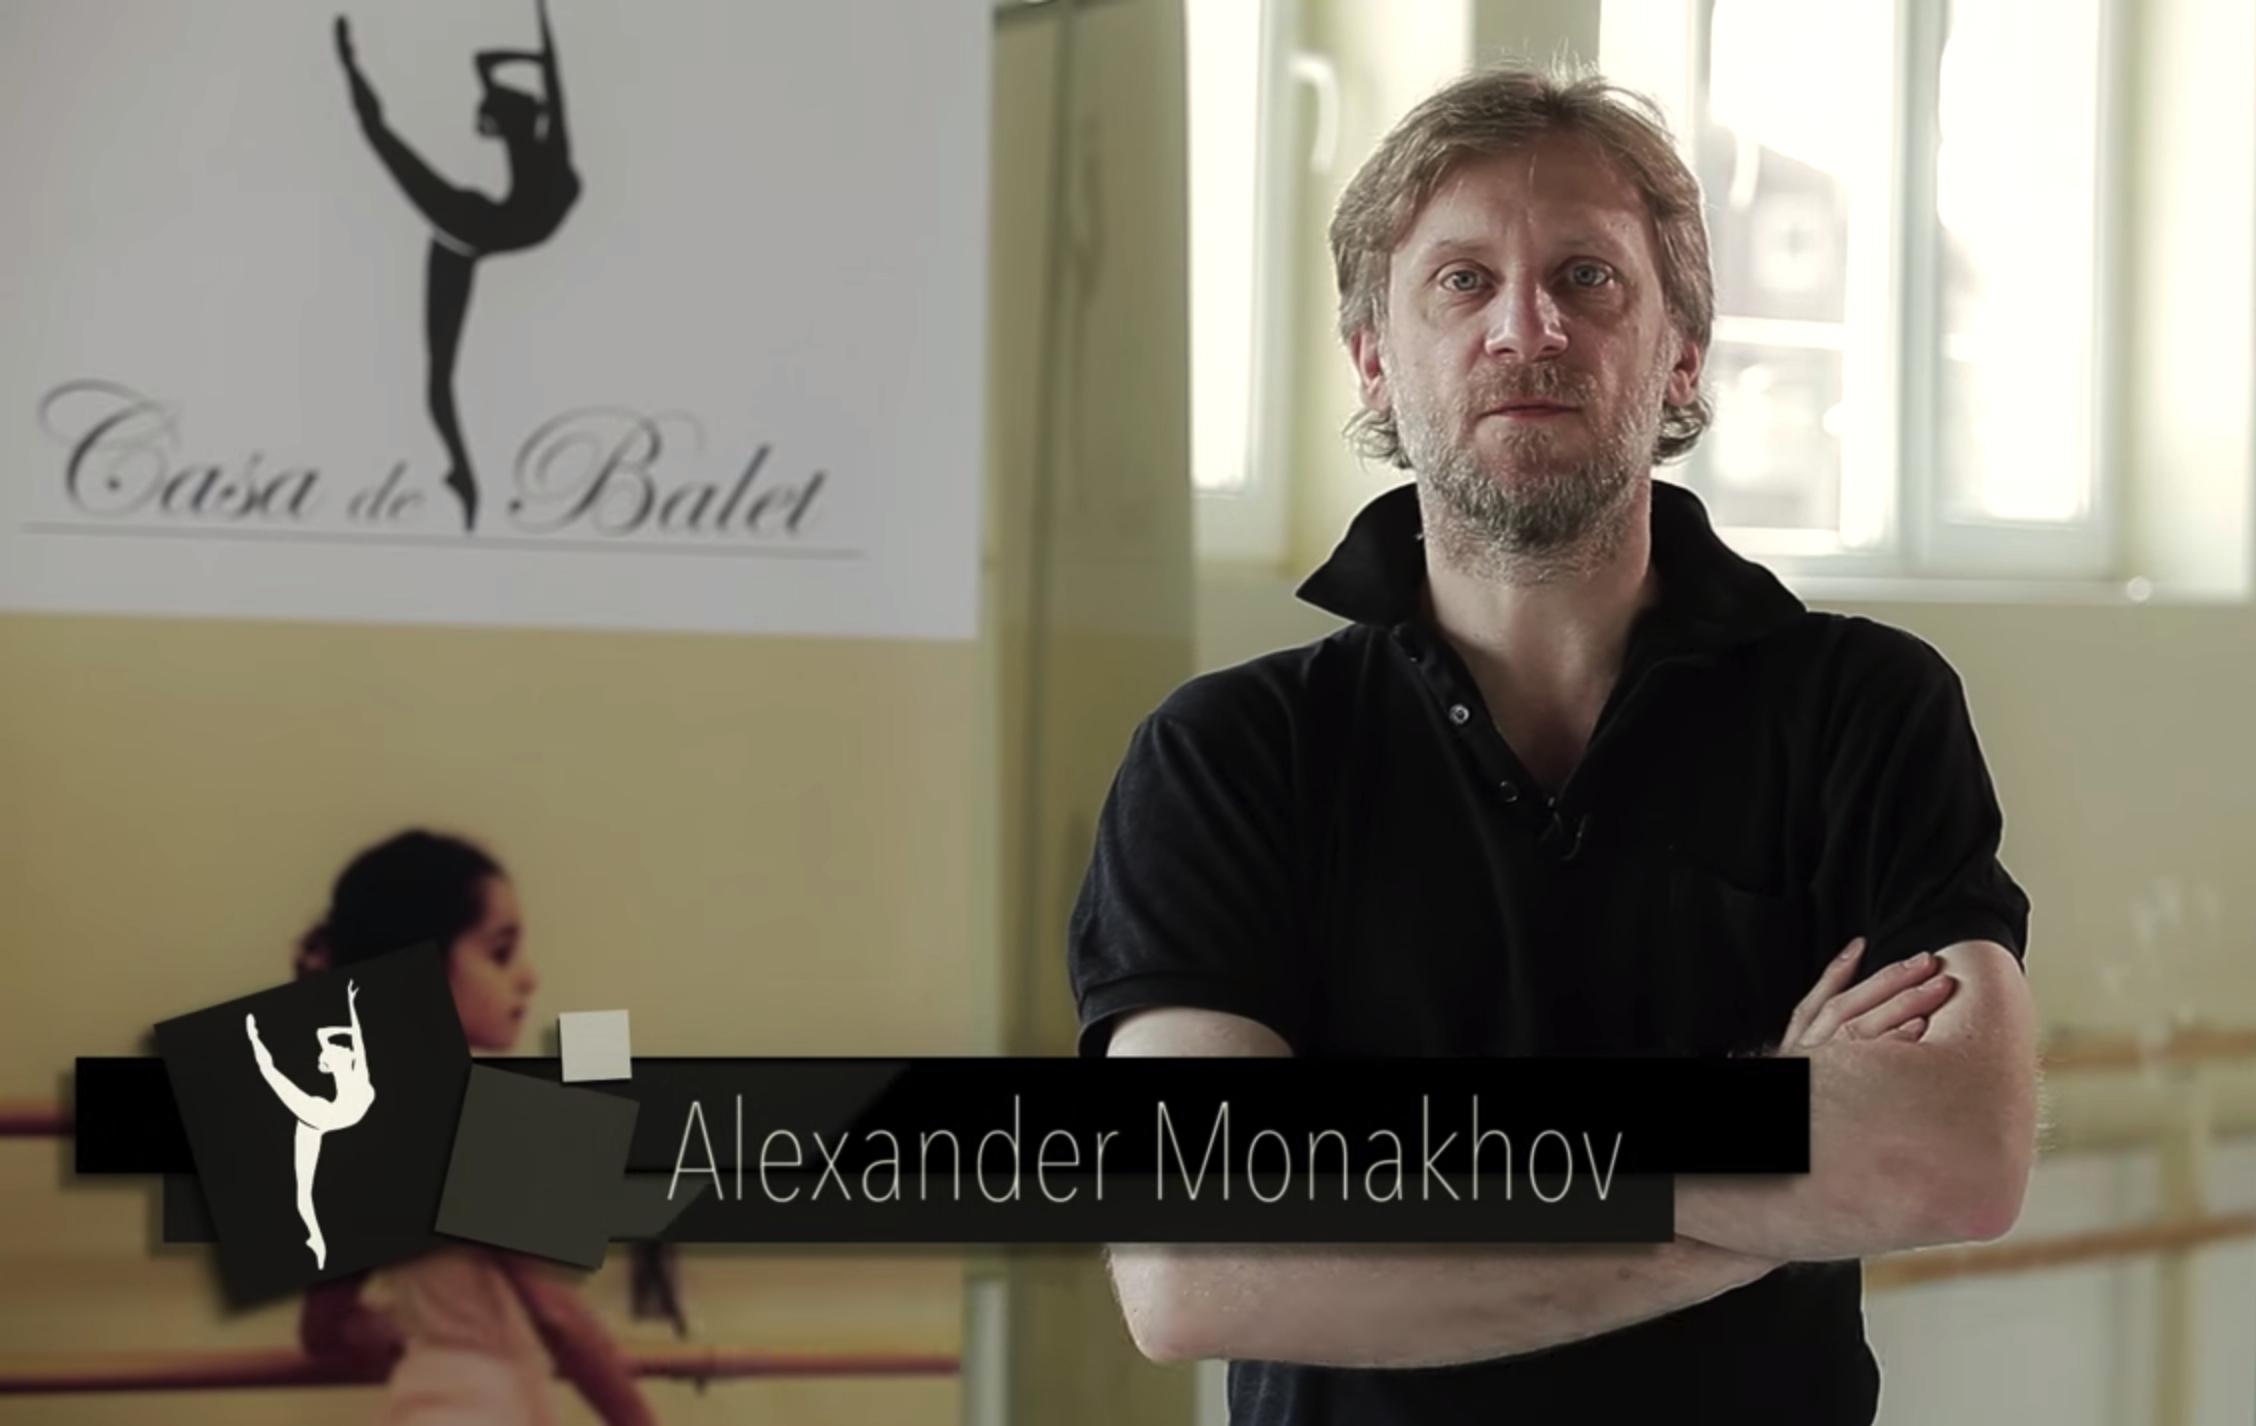 monakhov